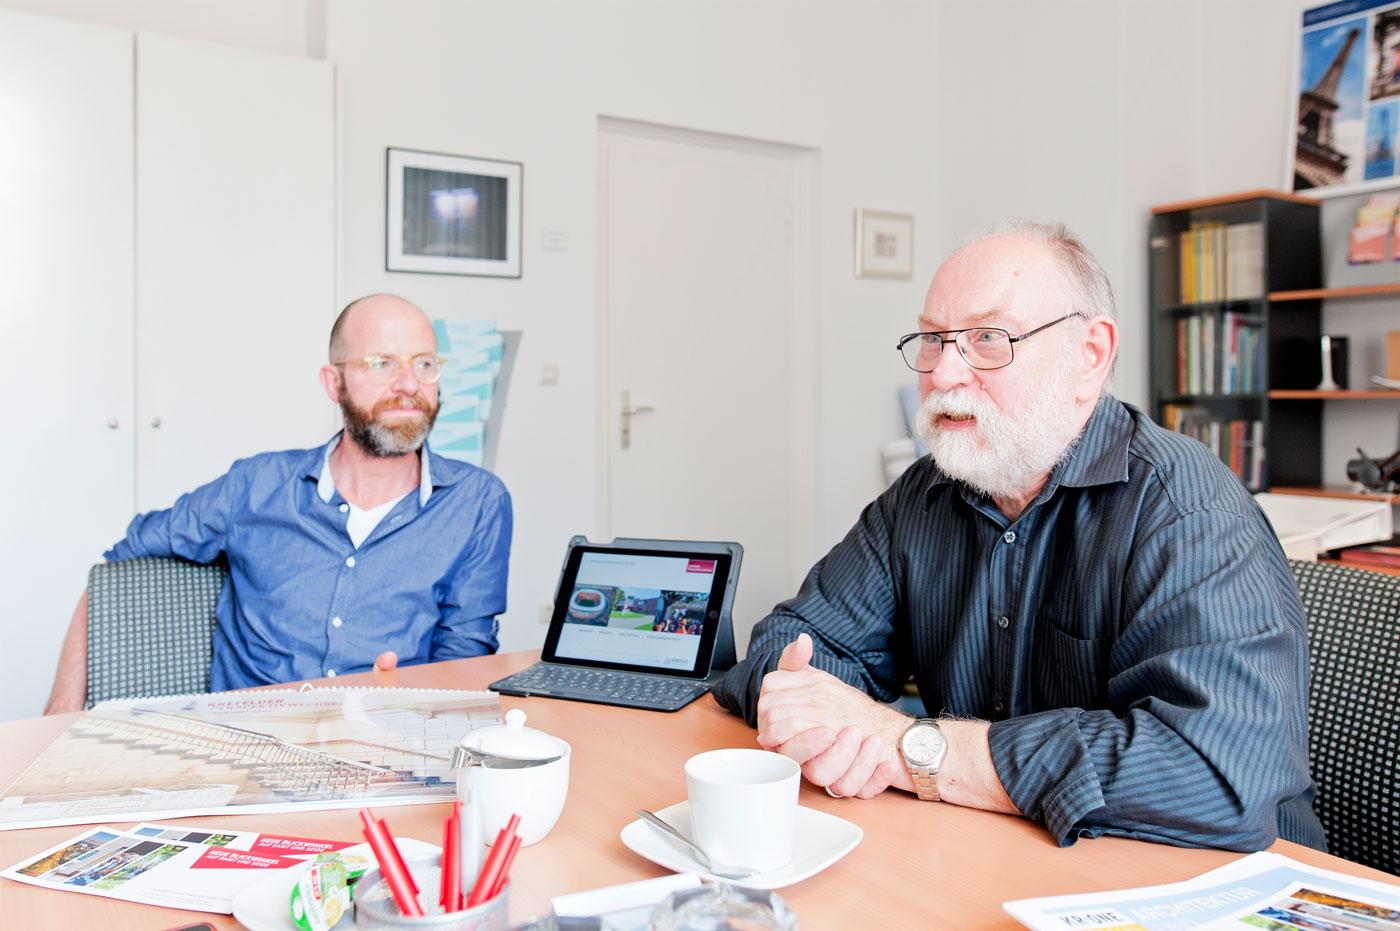 Krefelder Perspektivwechsel - Ulrich Cloos, Leiter des Stadtmarketings Krefeld und Manfred Grünwald, Vorsitzender der Arbeitsgemeinschaft Krefelder Bürgervereine